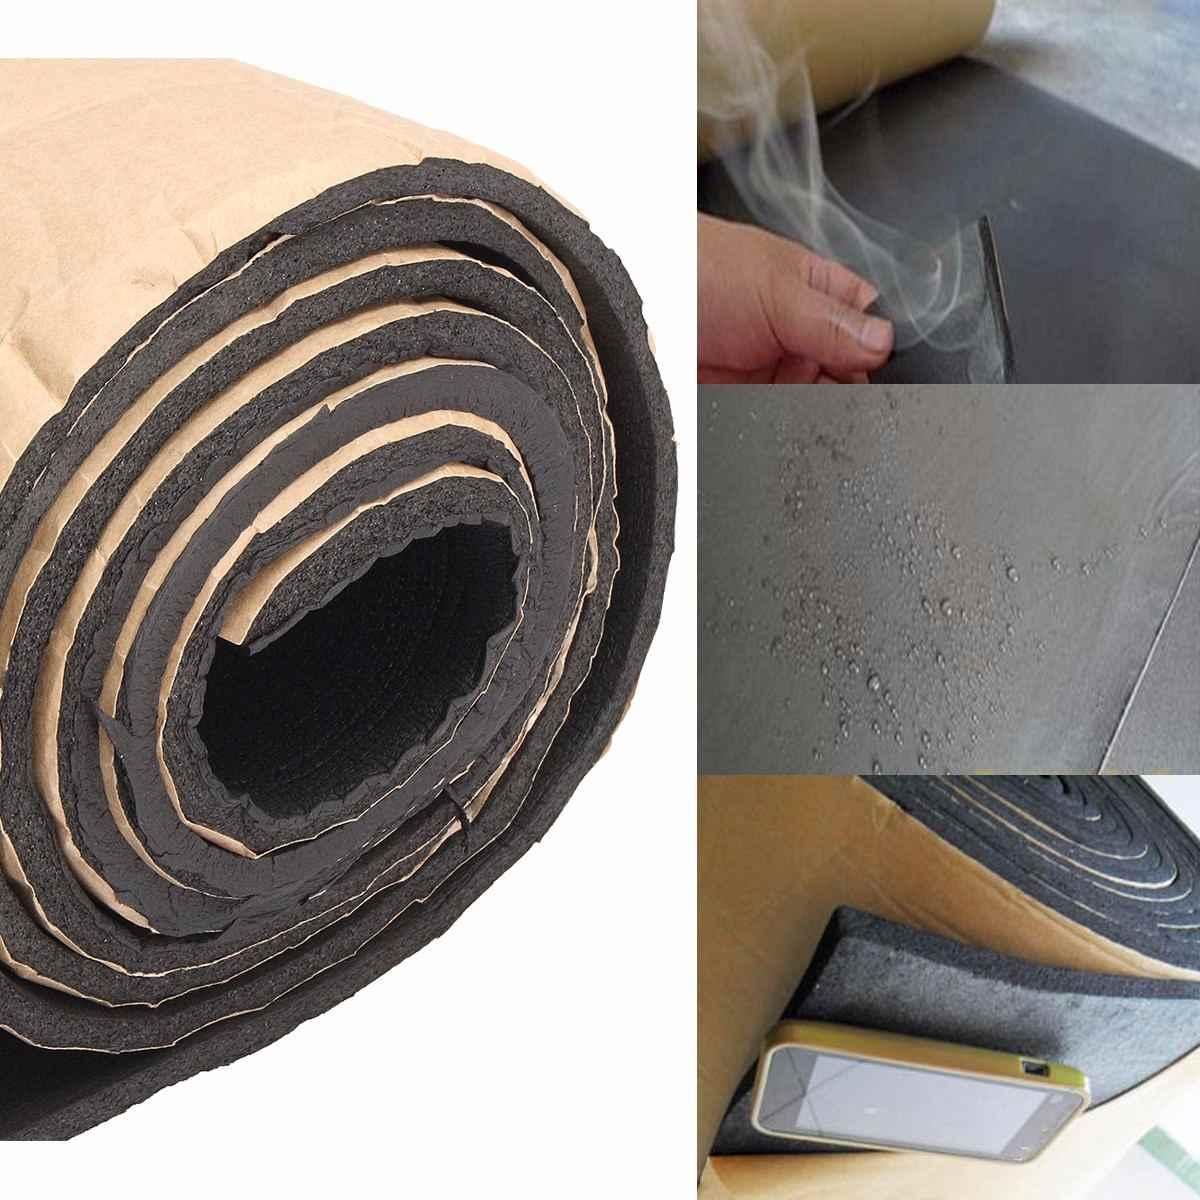 1 rouleau 200cm x 50cm 10mm/6mm/3mm voiture insonorisation amortissement voiture camion Anti-bruit isolation phonique coton chaleur cellules fermées mousse